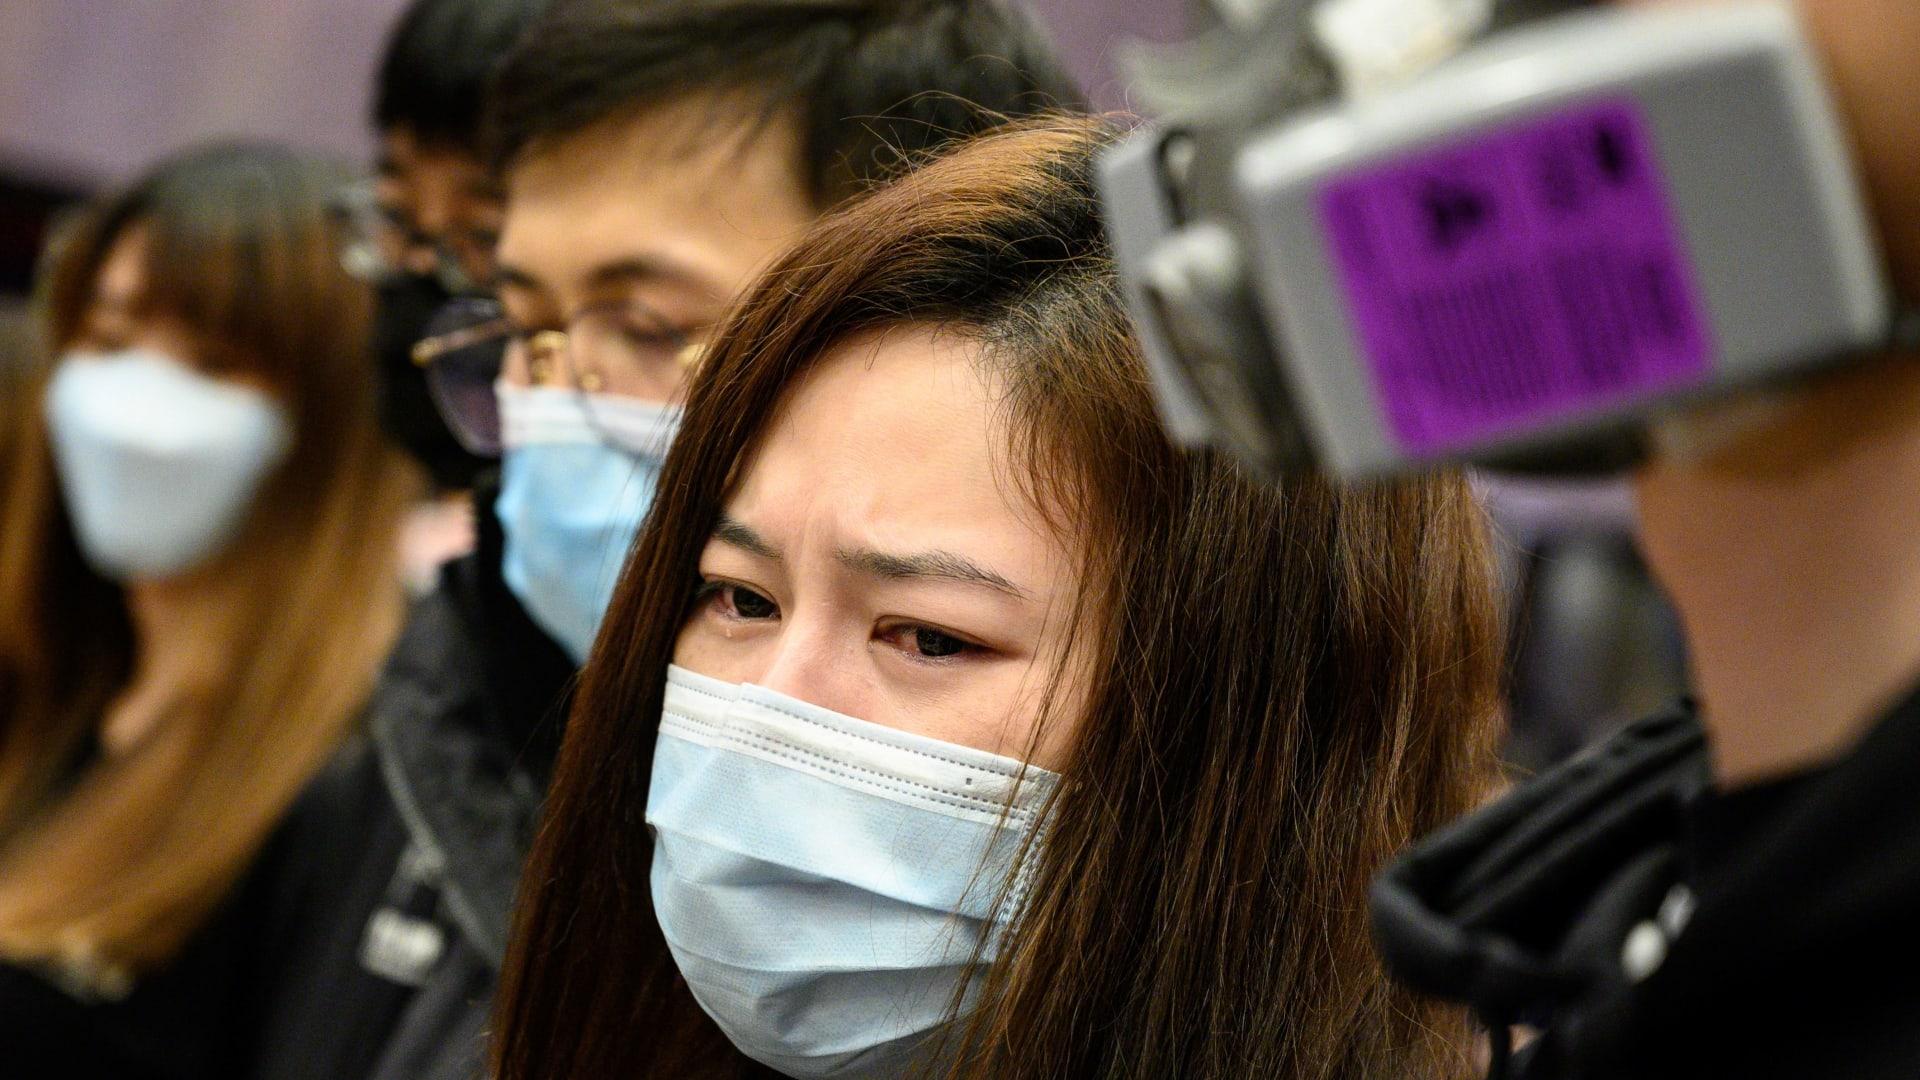 5 أشياء يجب أن تعرفها عن فيروس كورونا الجديد